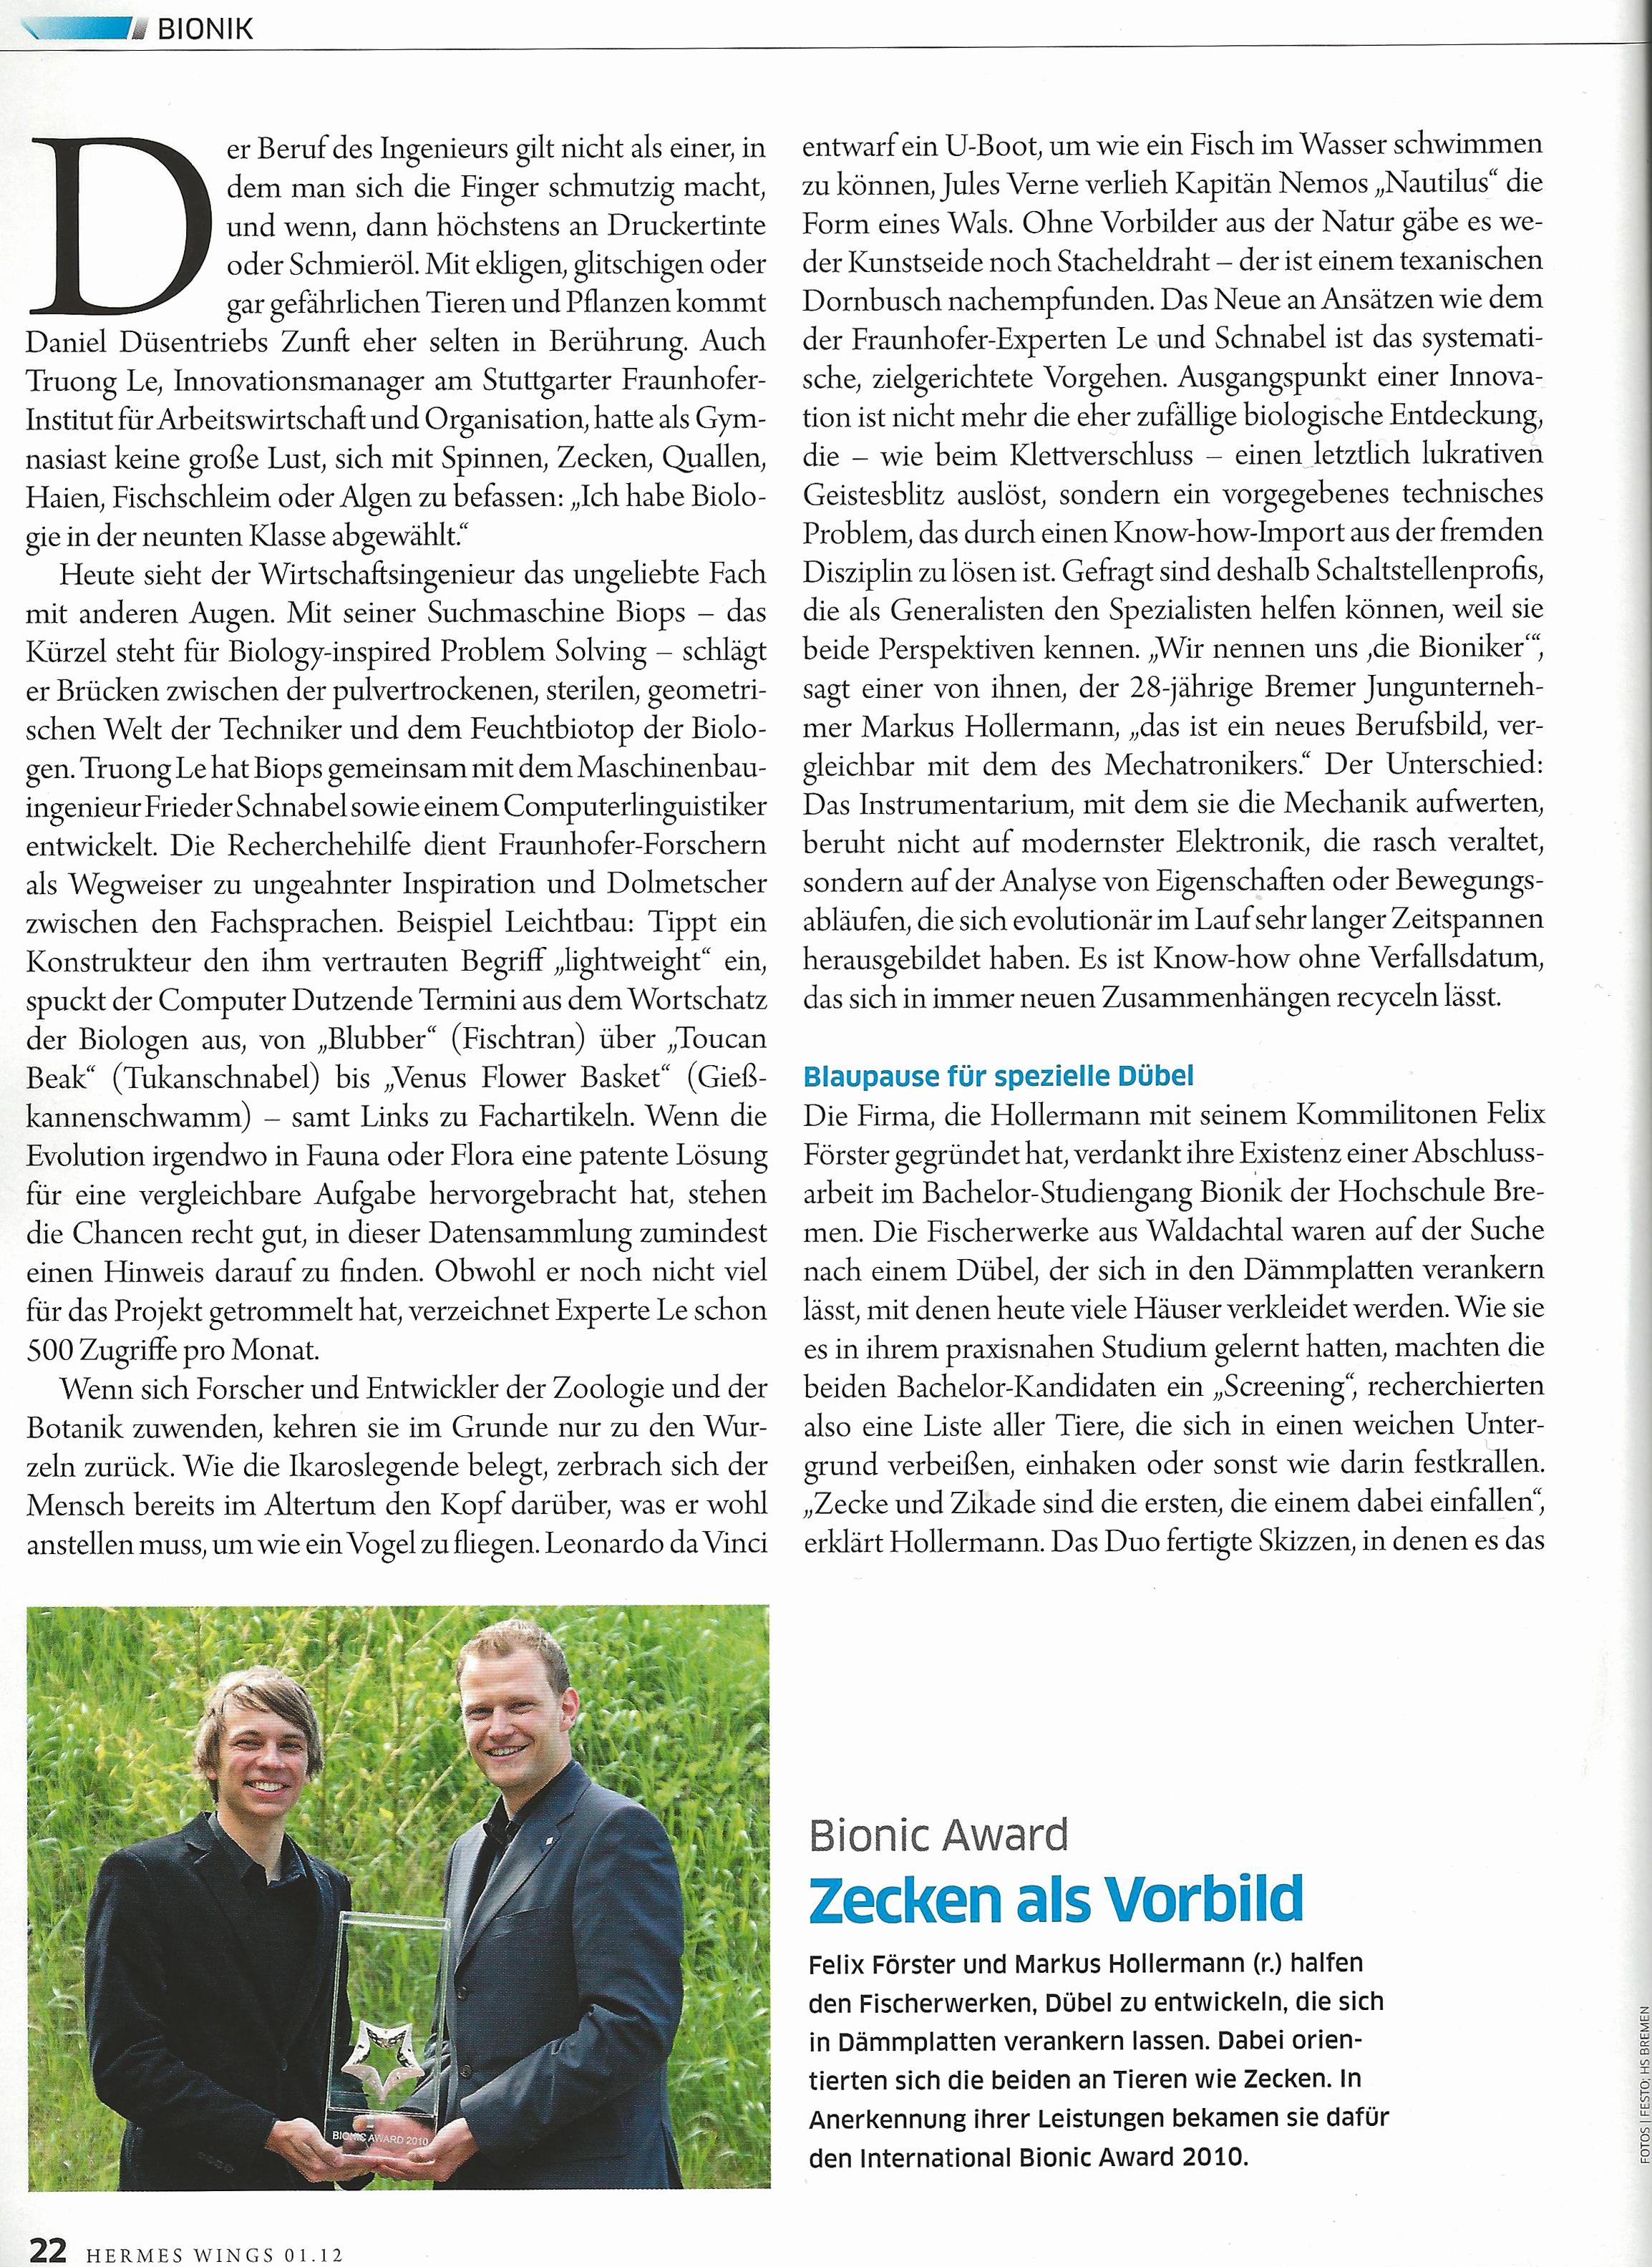 HERMES-WINGS Dezember-2012-4 in <!--:de-->presse<!--:--><!--:en-->Press<!--:-->